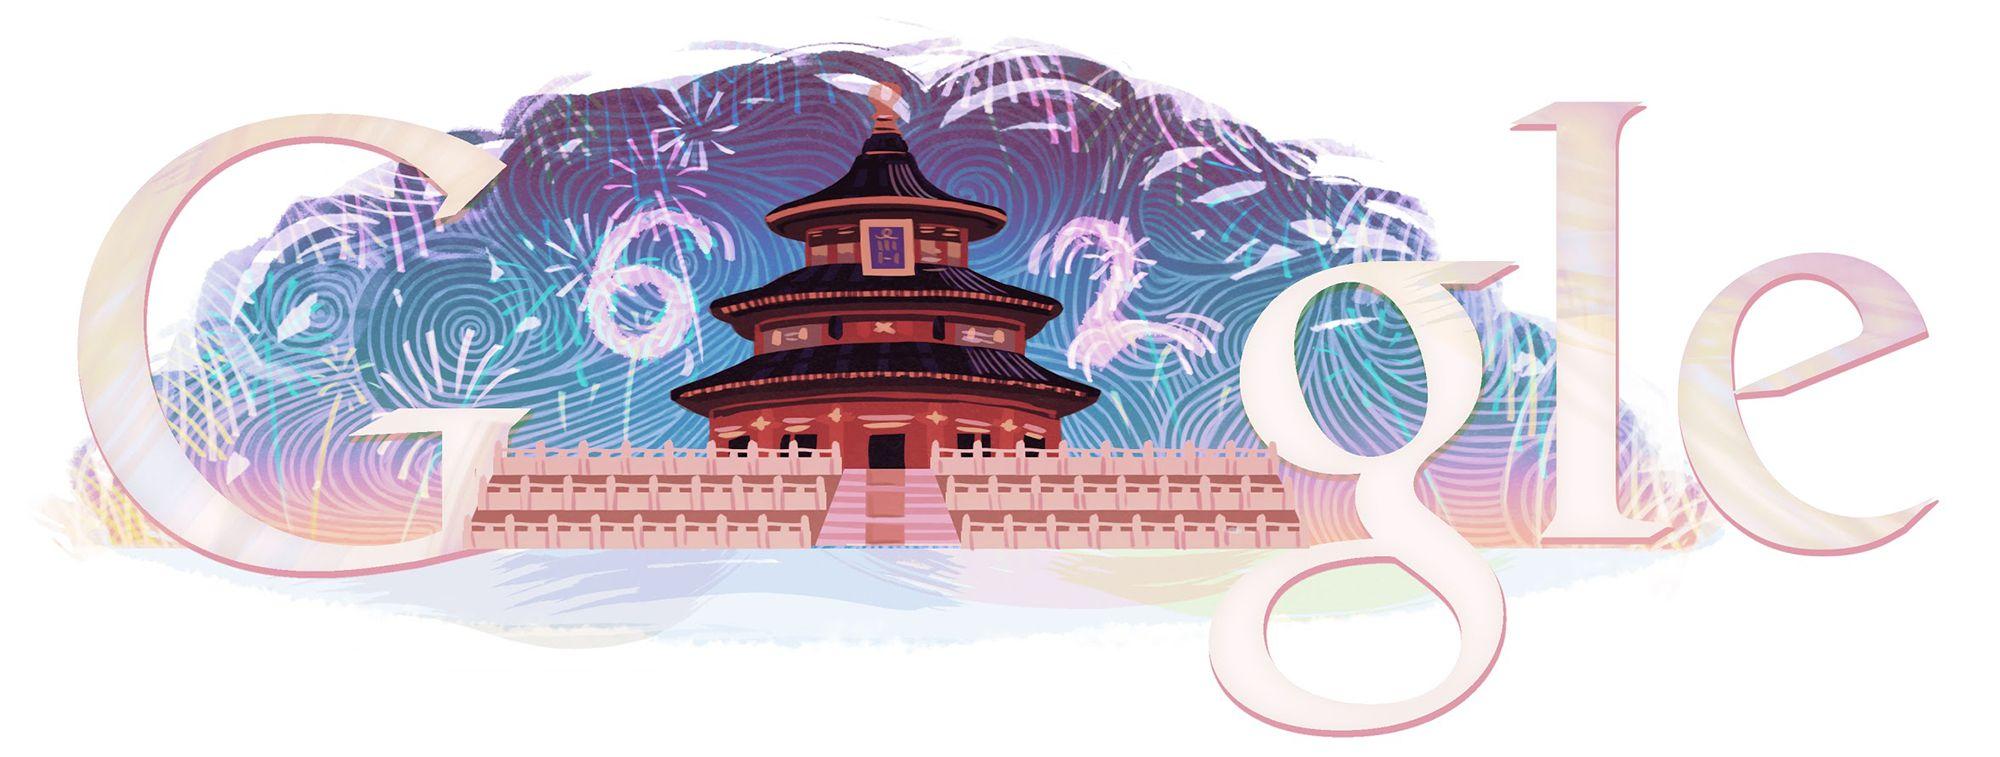 China National Day 2011 [Национальный день Китая] /This